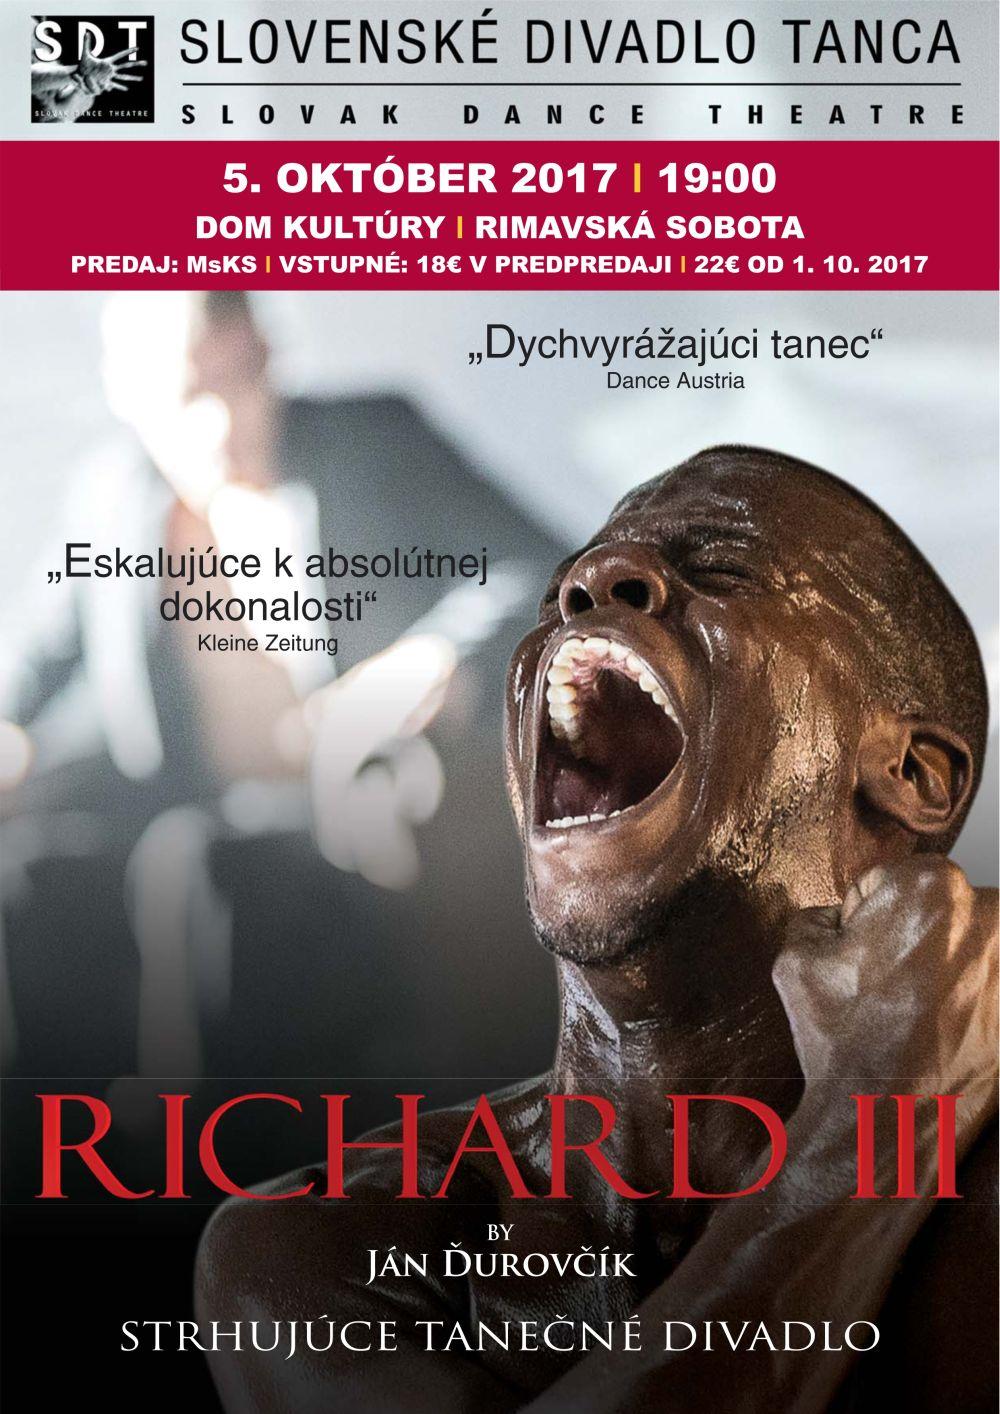 Ján Ďurovčík: RICHARD III @ Divadelná sála Domu kultúry, Rimavská Sobota | Slovensko